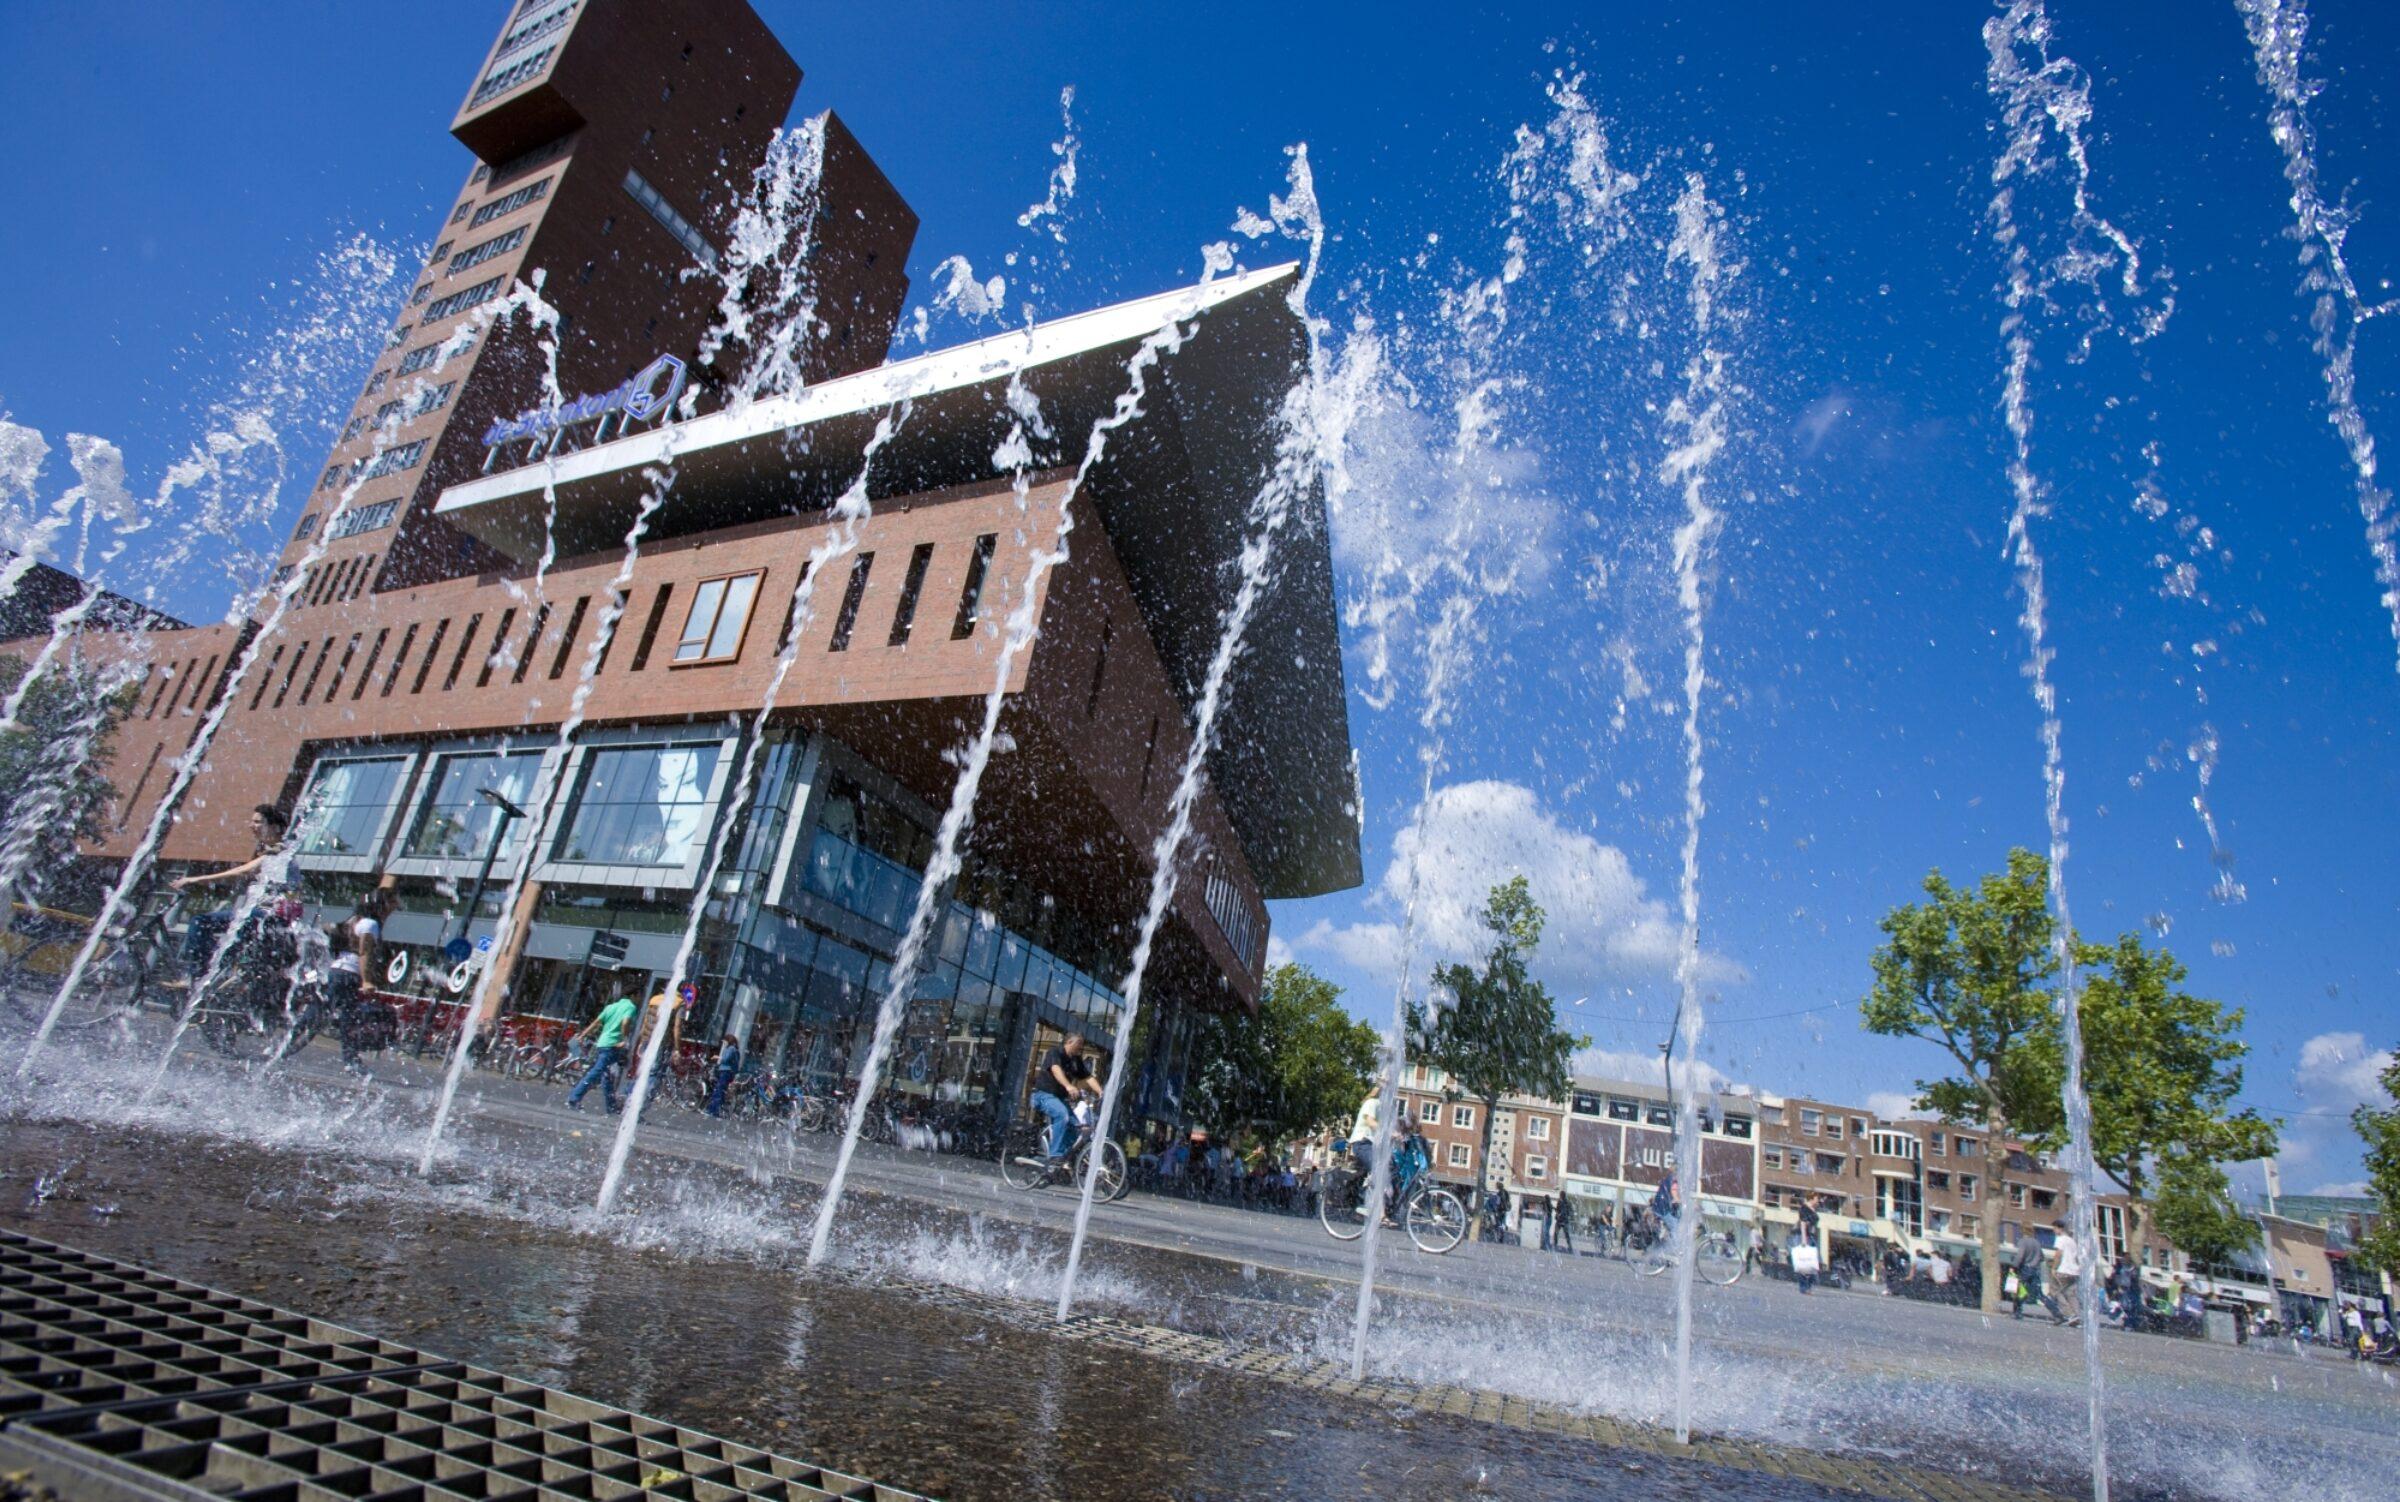 2009 H J van Heekplein winkelen